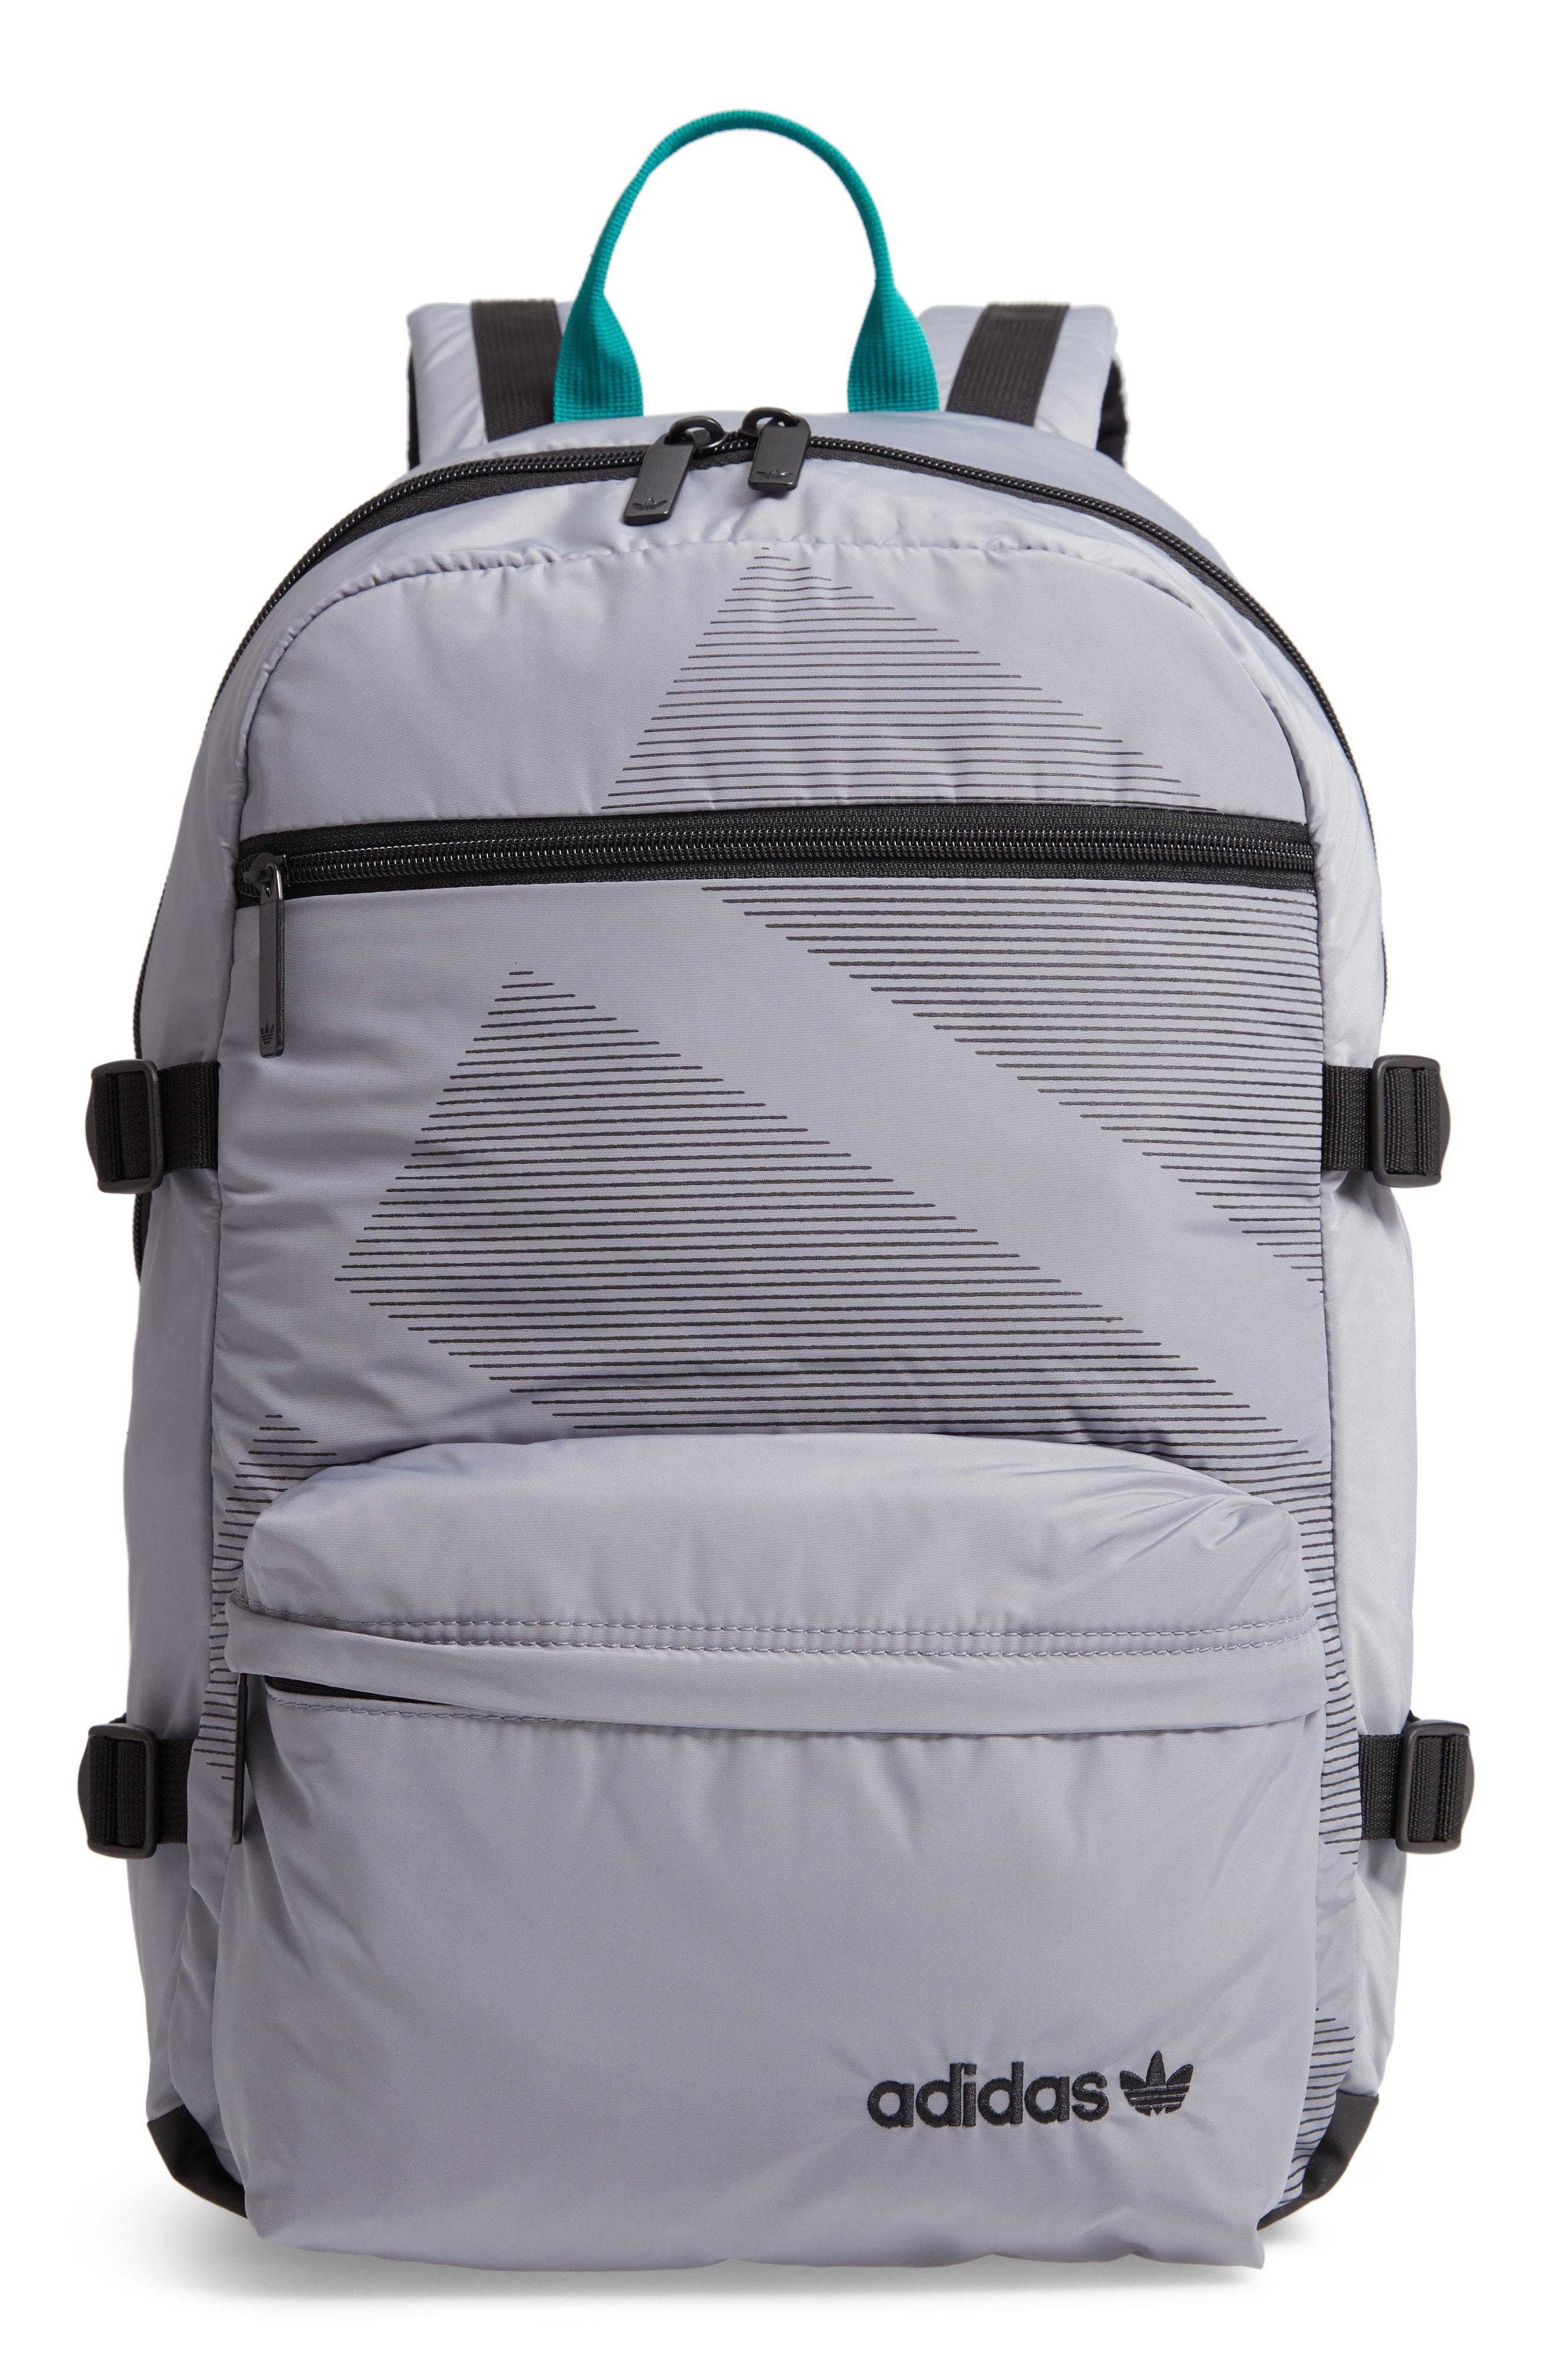 c10aaf3d1b Lyst - adidas Originals Eqt Backpack in Gray for Men